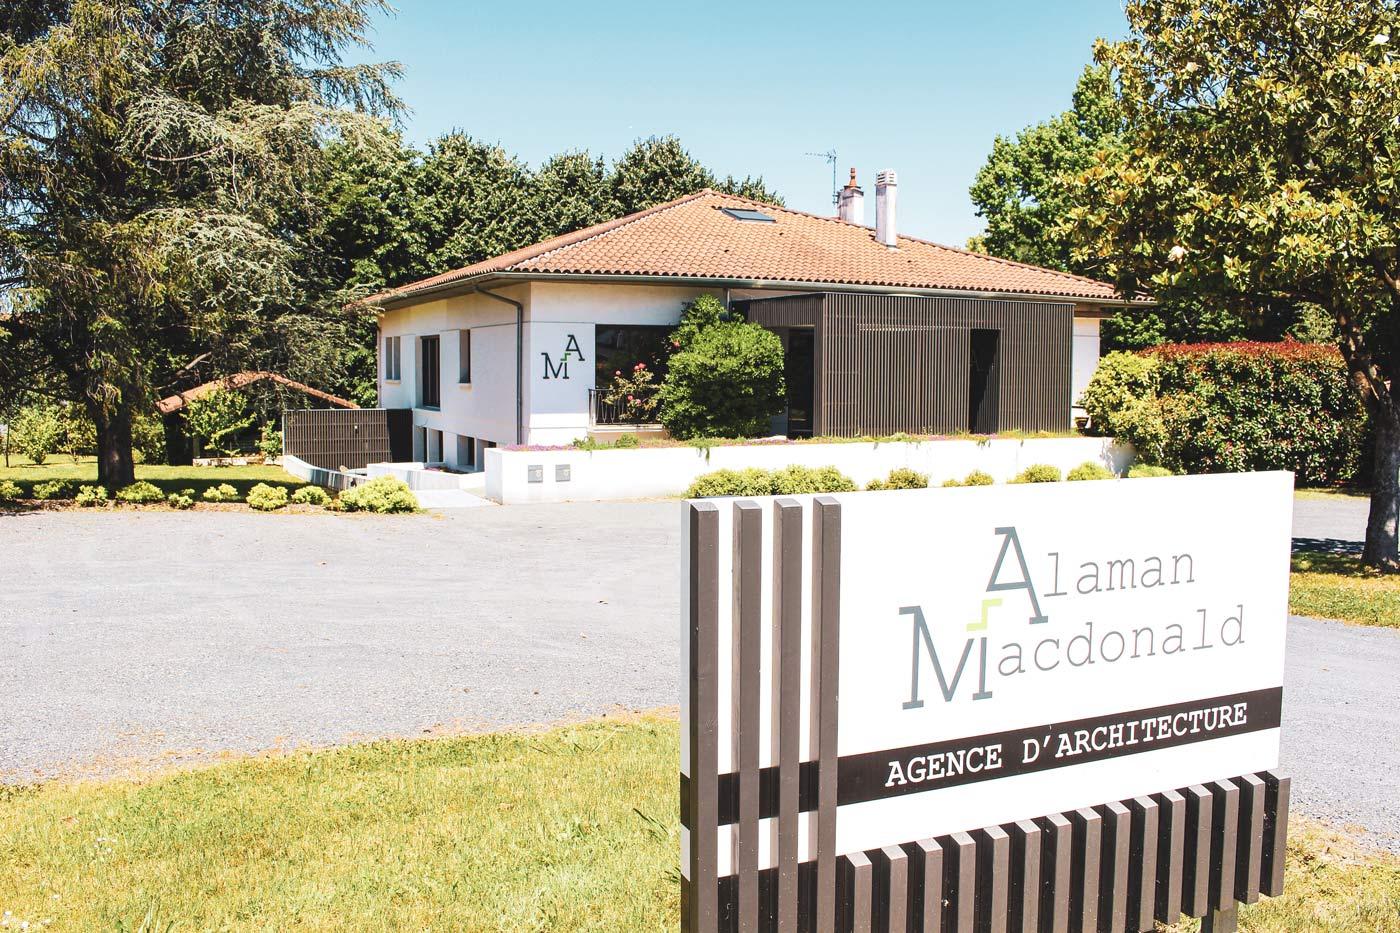 Alaman Macdonald Architecte Agence Alaman17